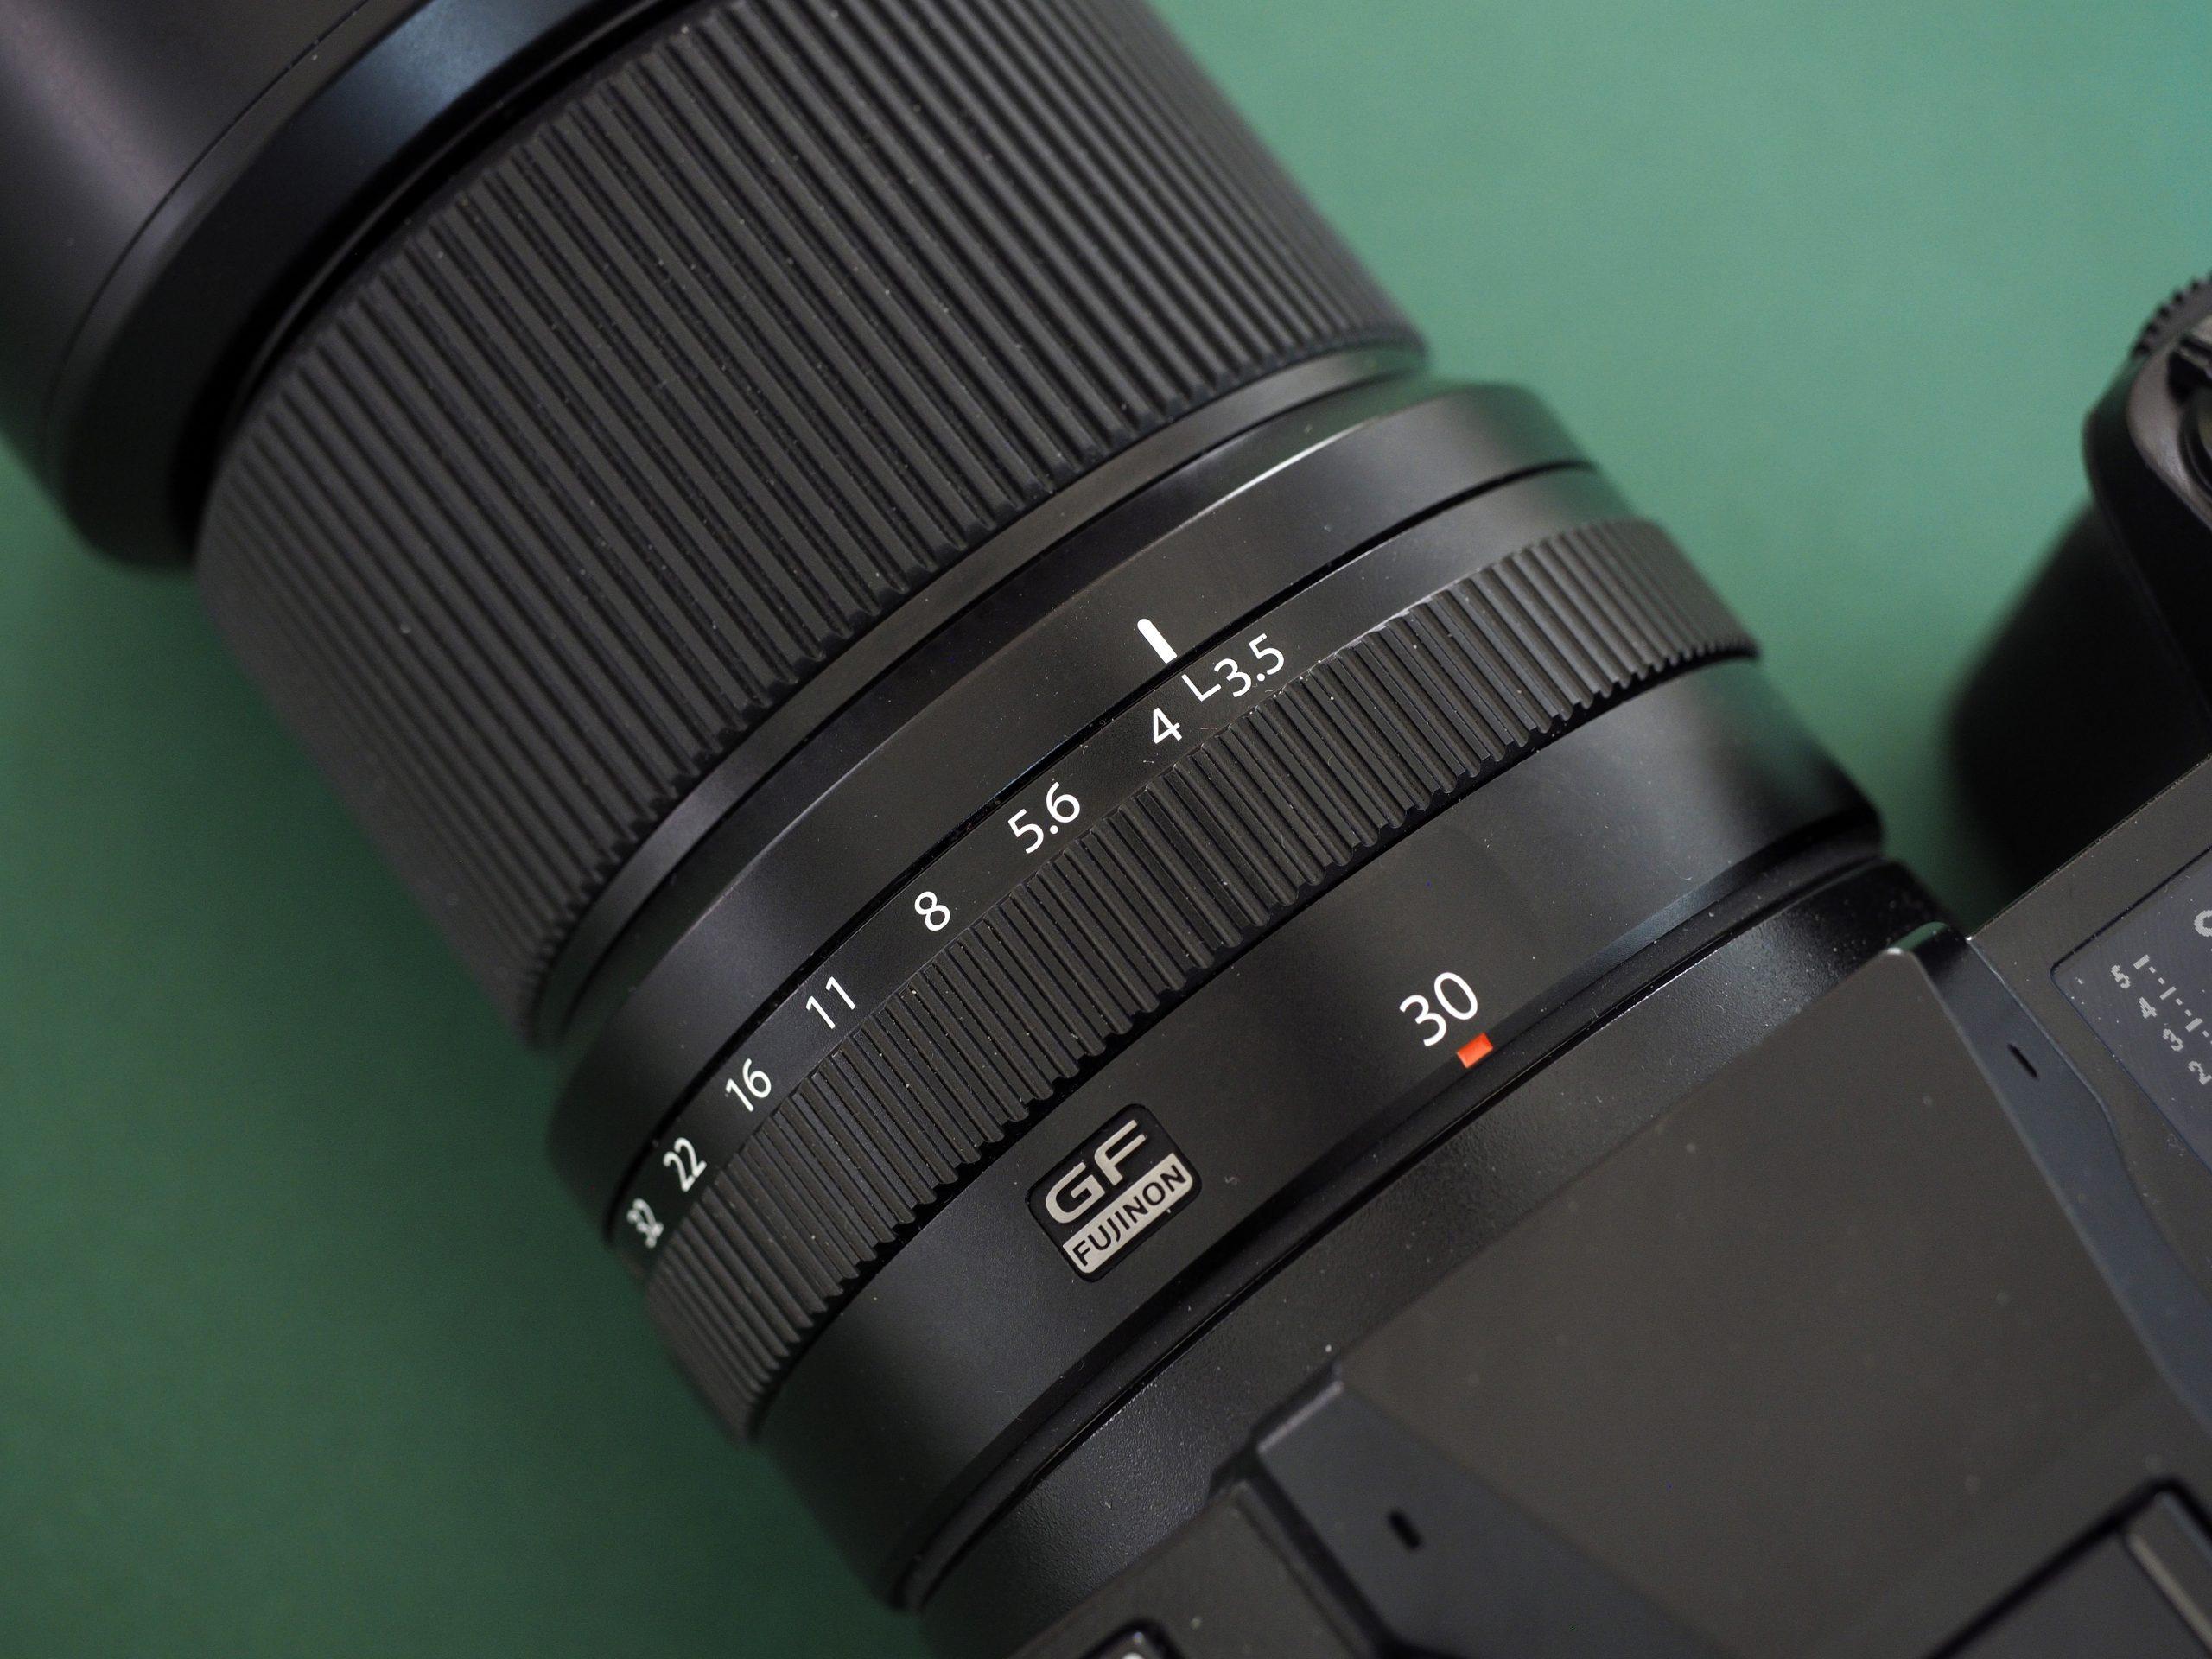 Fujifilm GF 30mm f3.5 WR